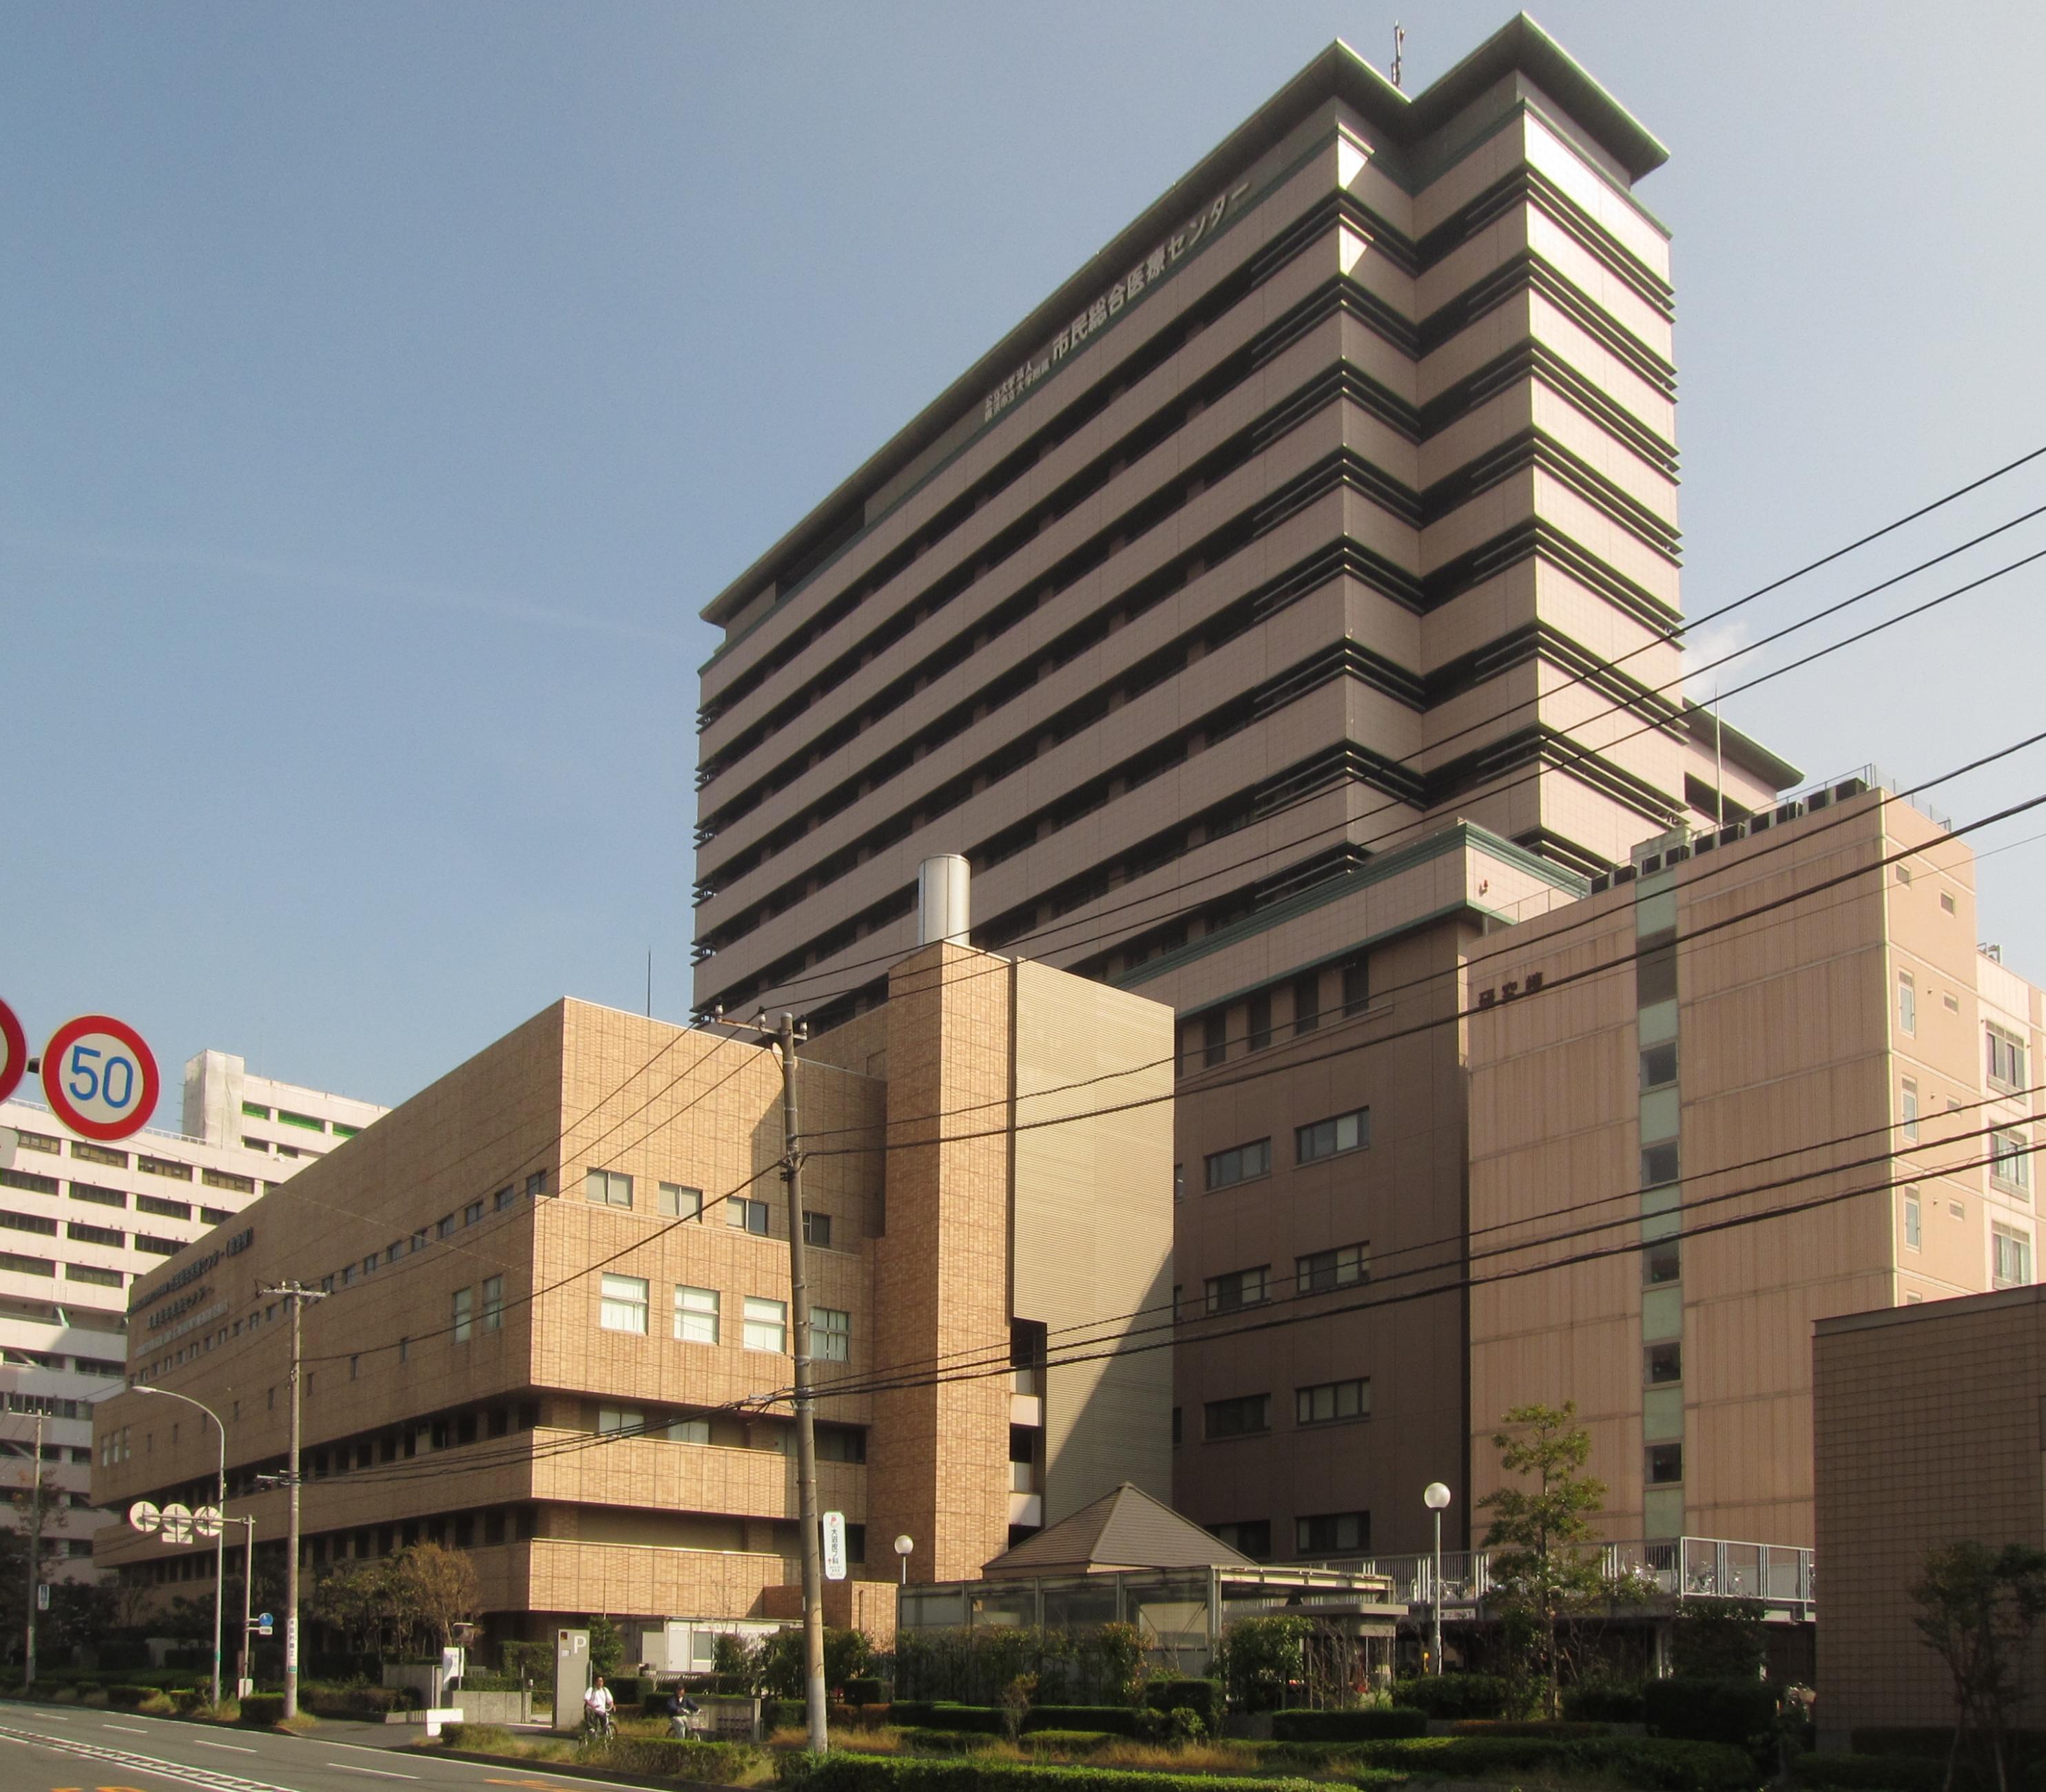 病院 大学 一 横浜 立